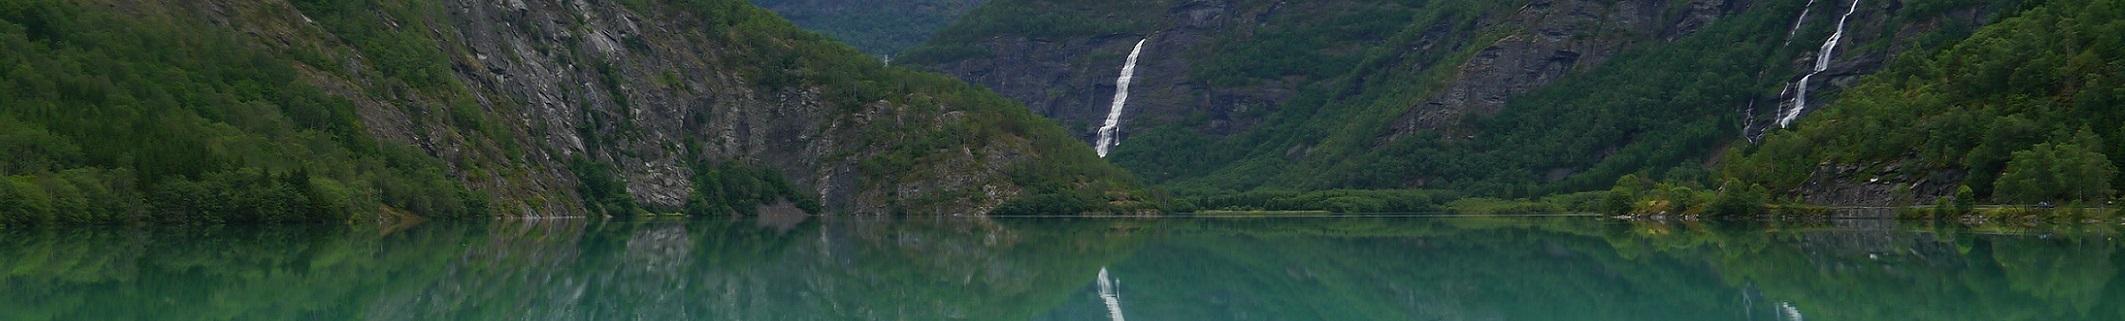 free adult hjemmeside sogn og fjordane